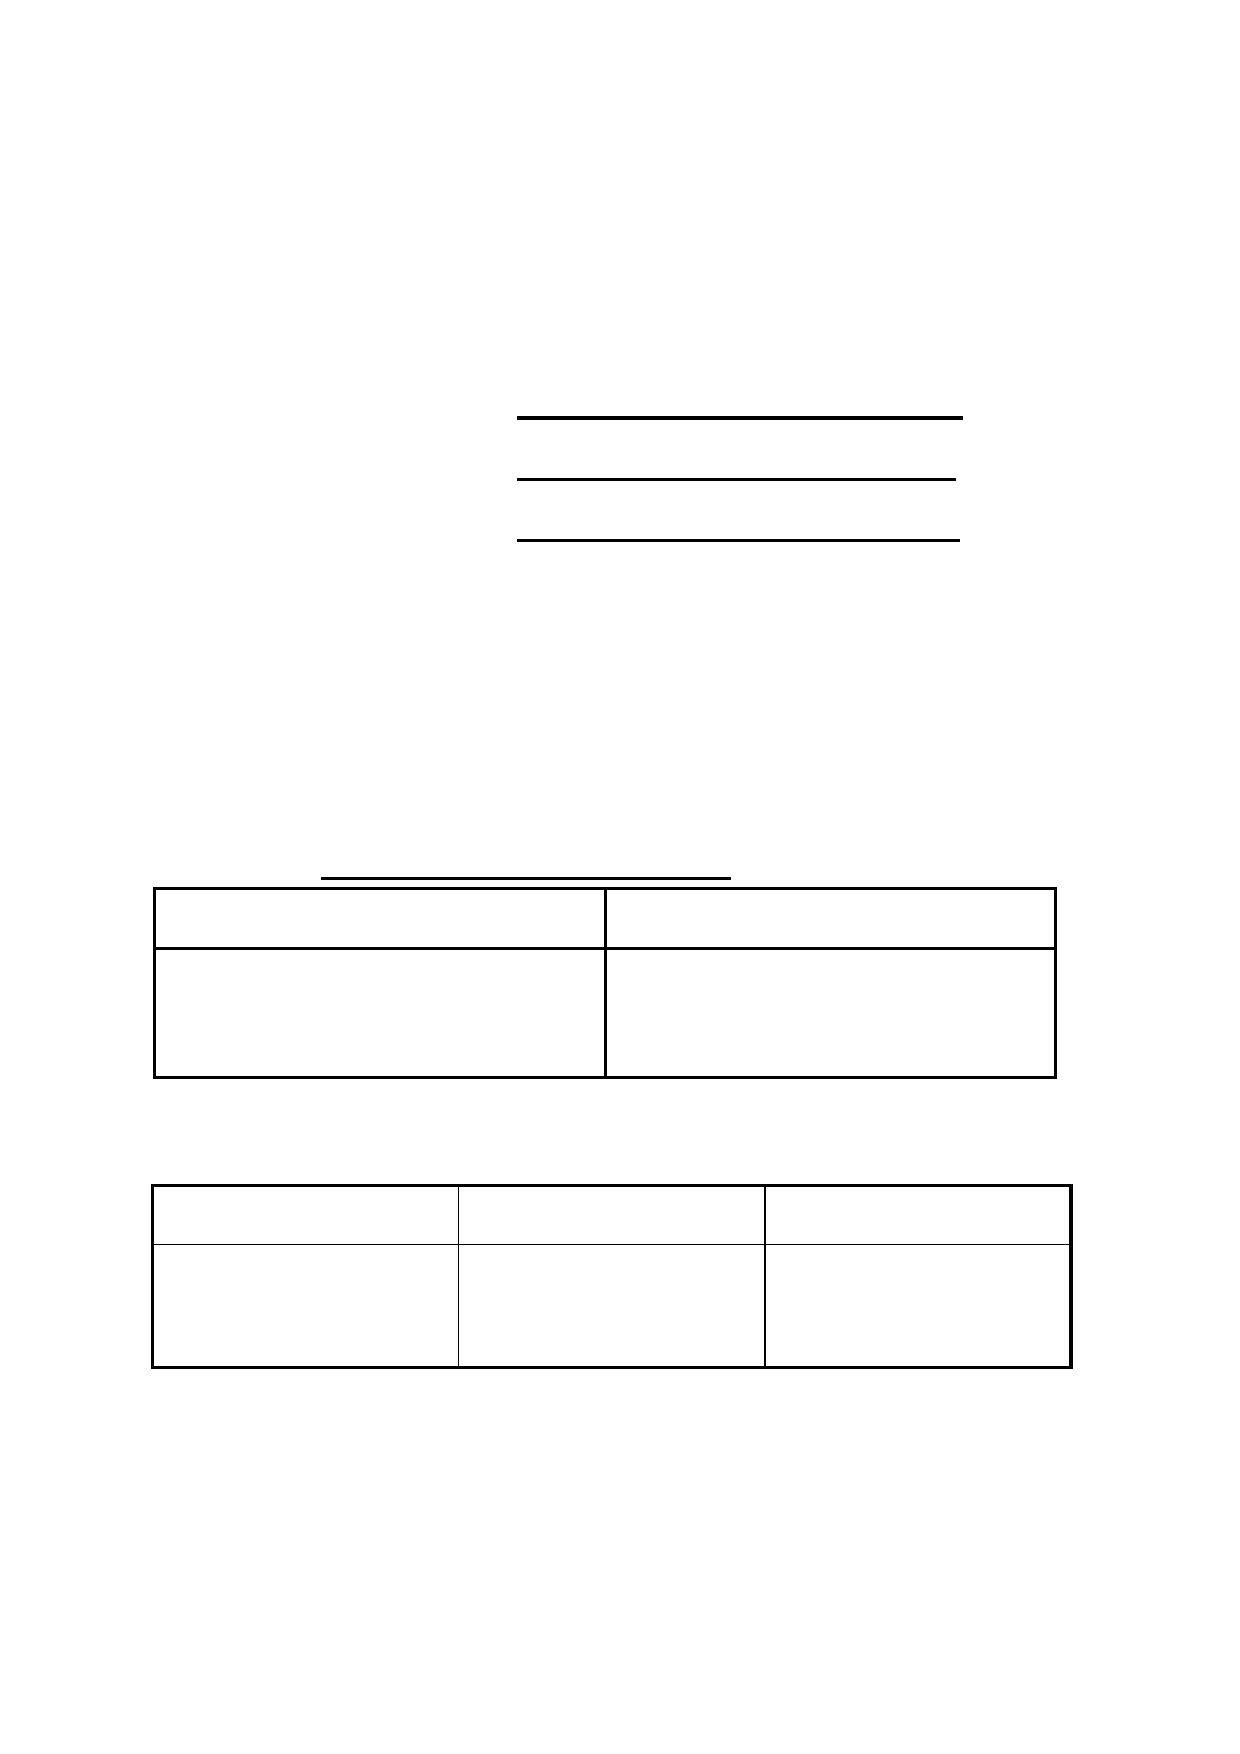 TM101XDH01 datasheet, circuit